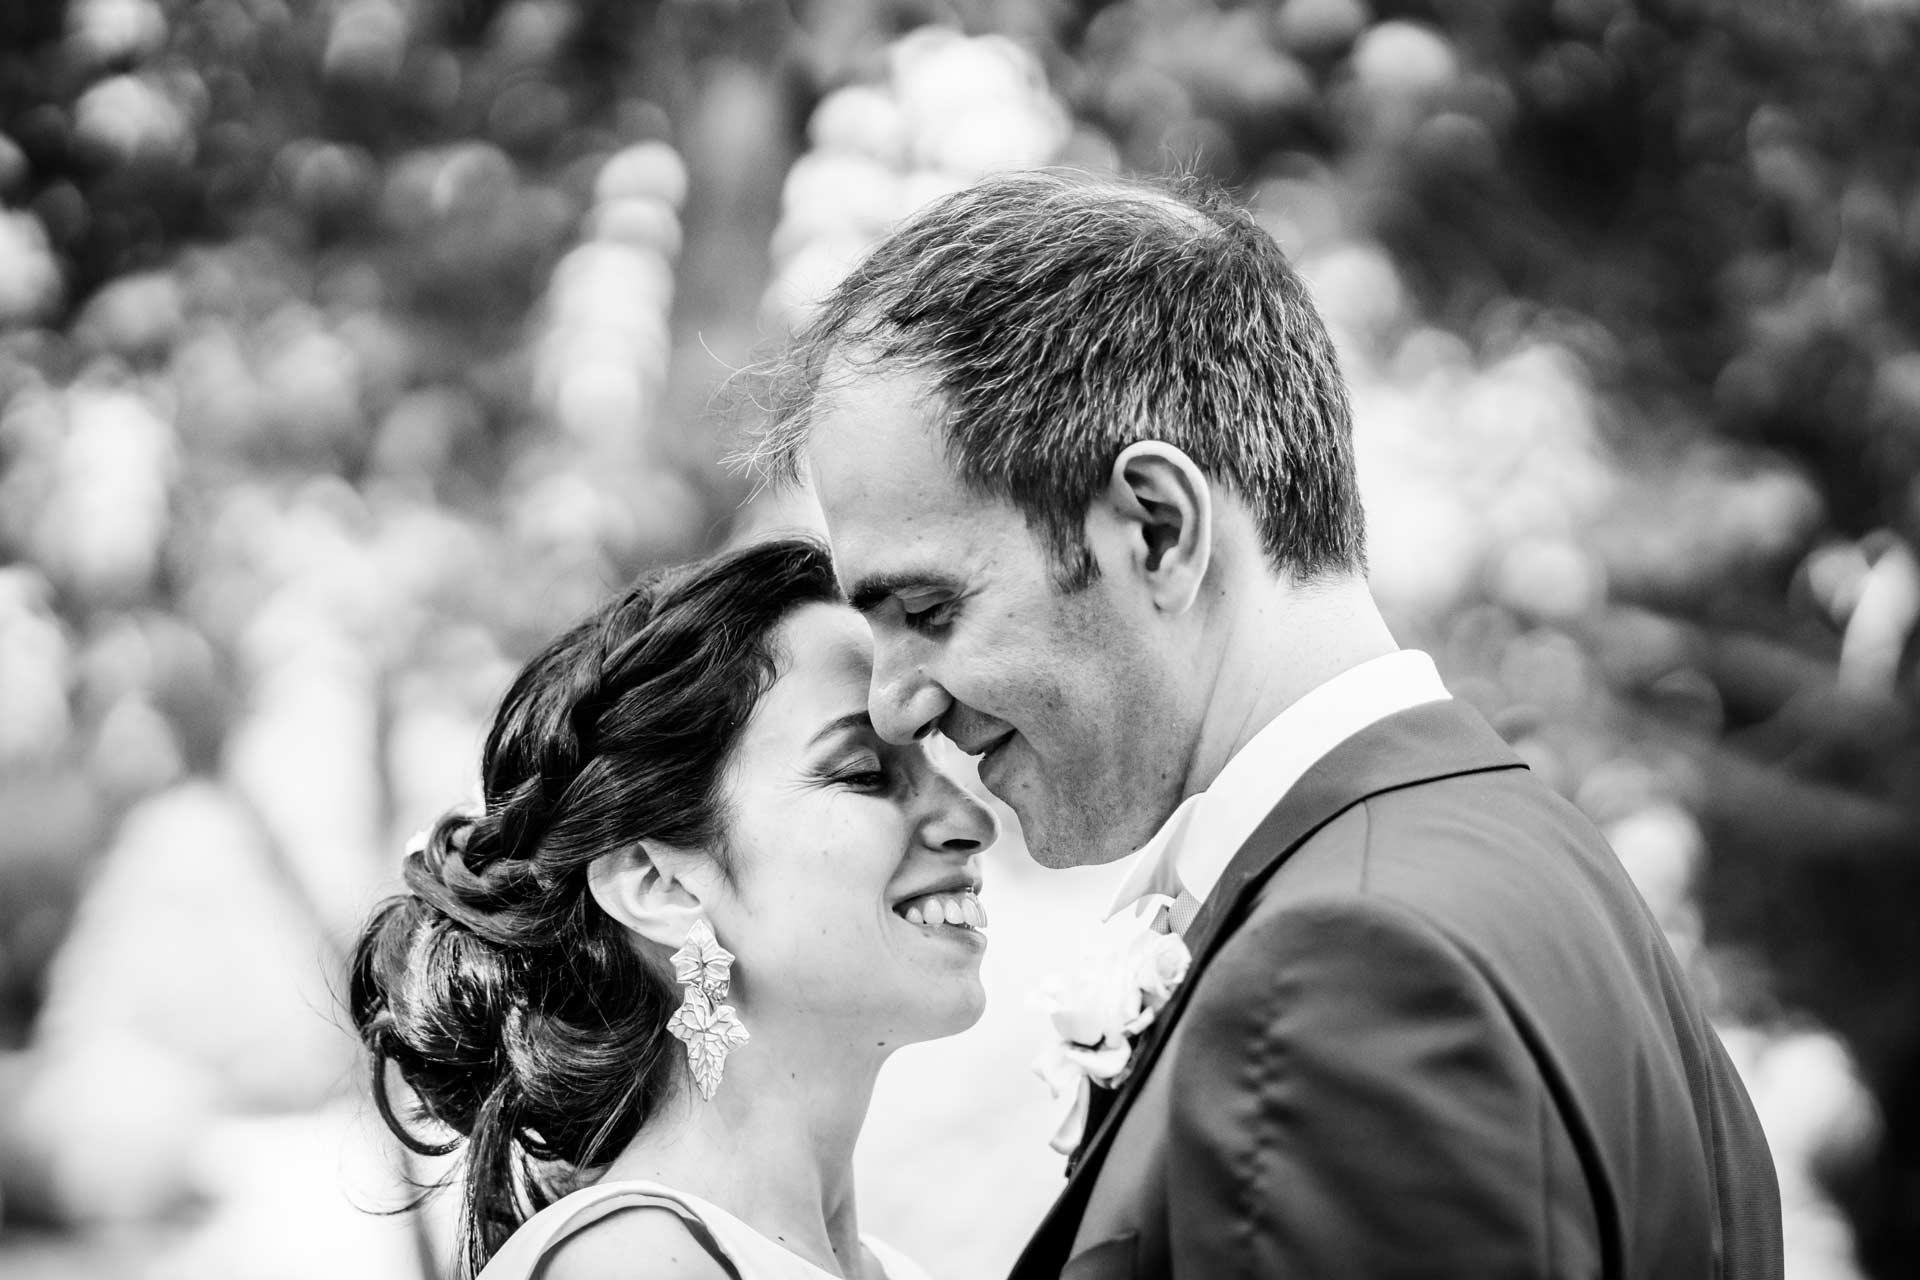 fotografo-matrimonio-reportage-roma-16-C&M